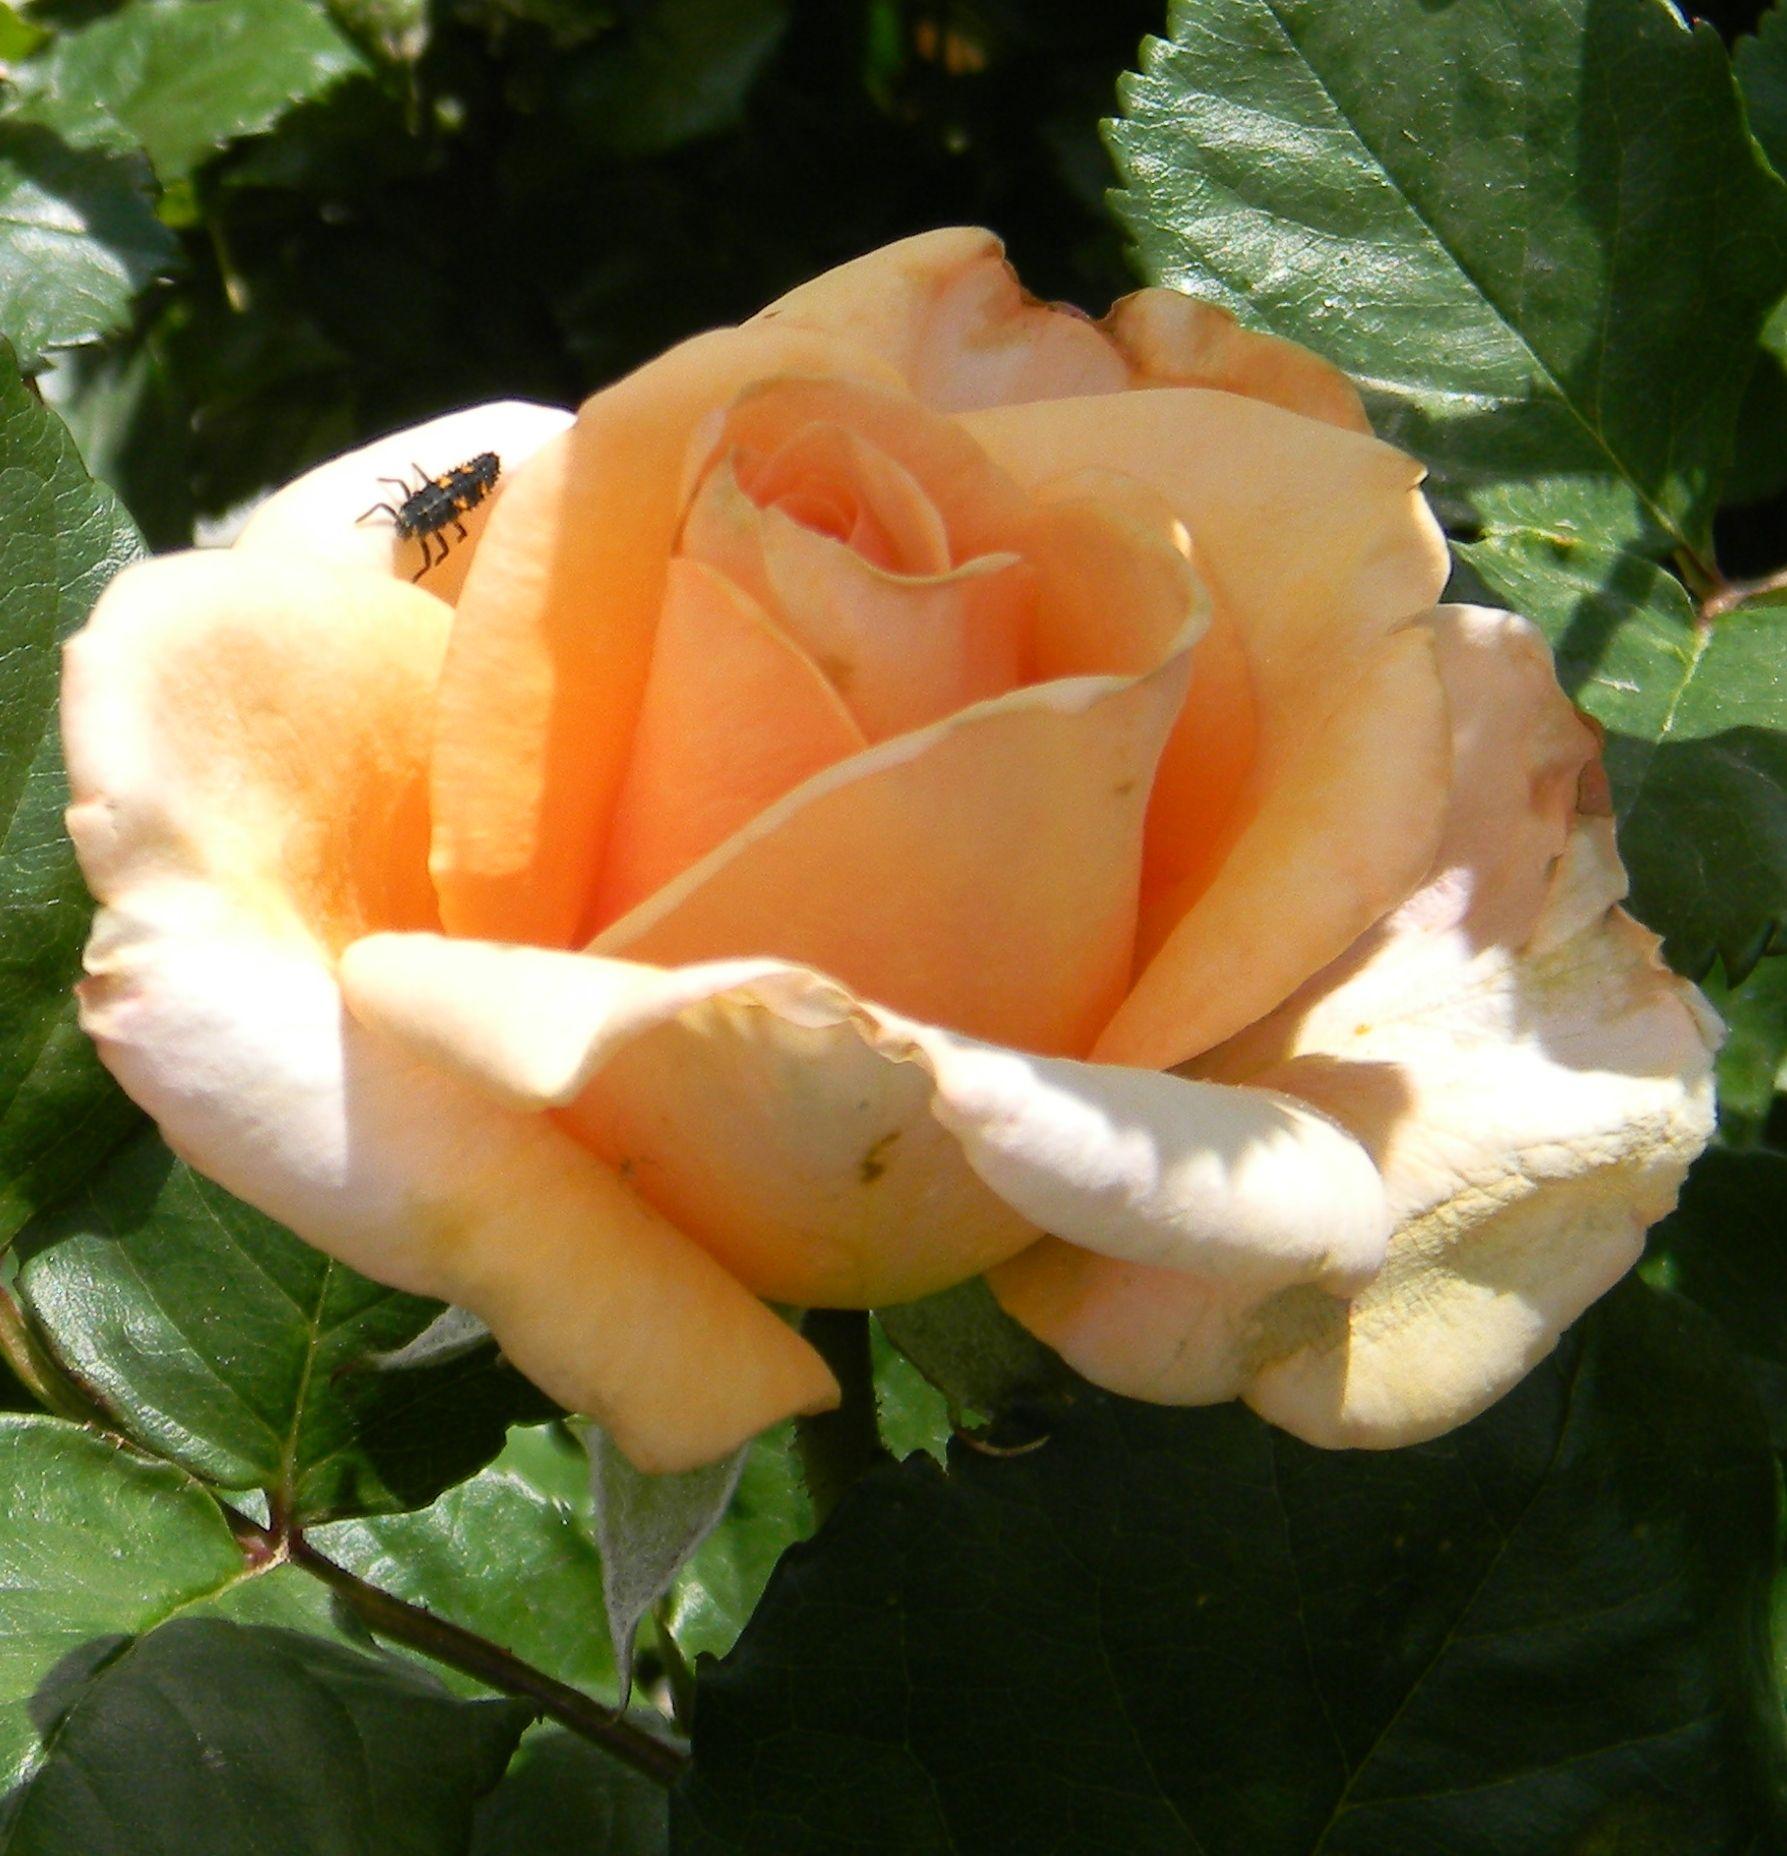 Medium Of Rose Pest Control